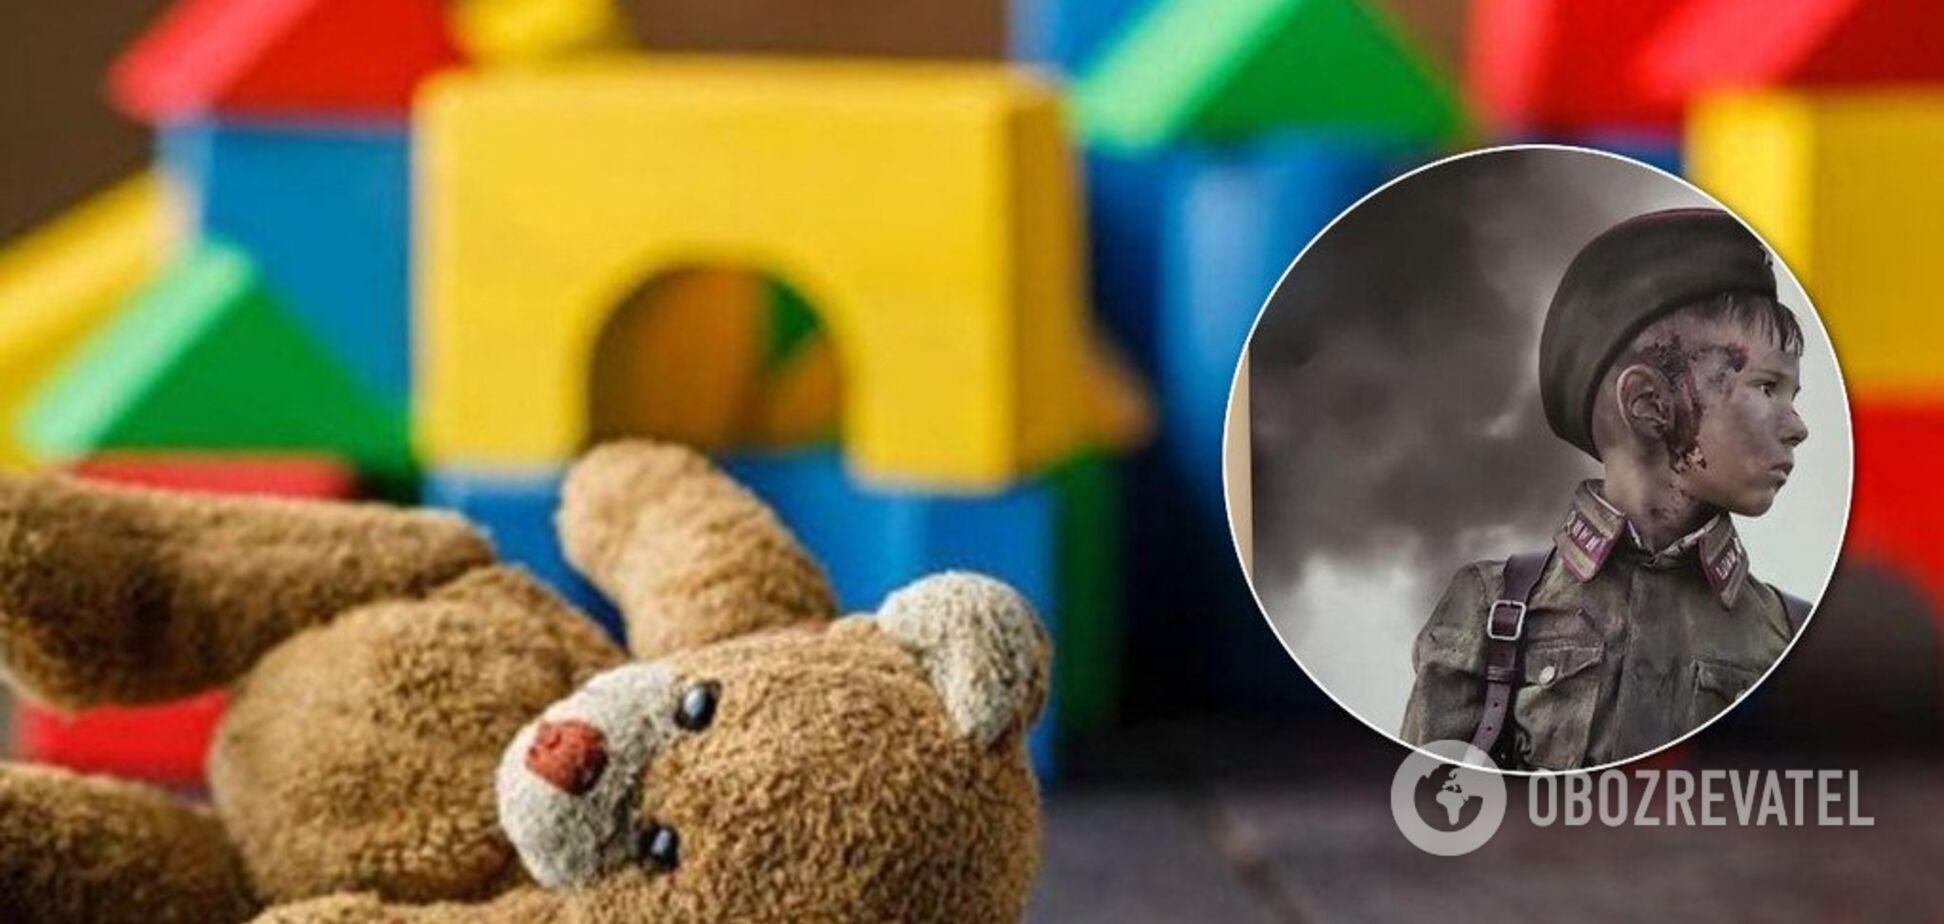 'Це пекло': в російському дитсадку розвісили фото закривавлених дітей